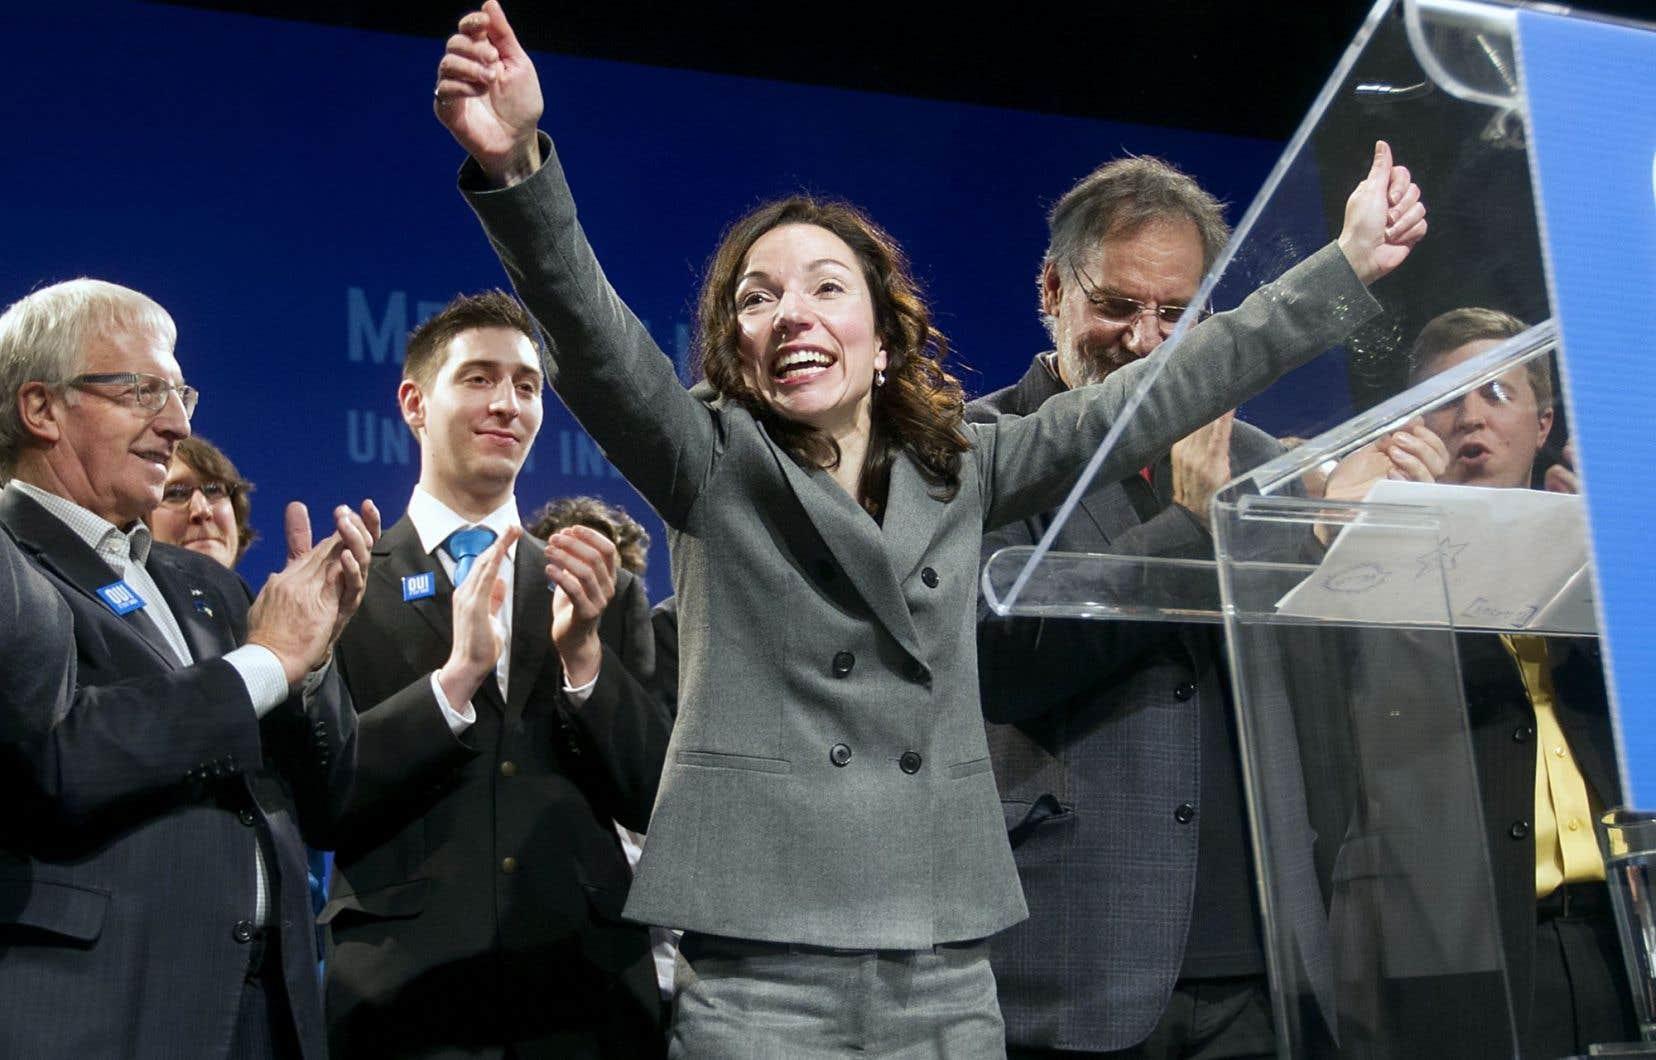 Plusieurs membres de l'ancienne équipe de Jean-François Lisée étaient présents dimanche aux côtés de Martine Ouellet, députée de Vachon.